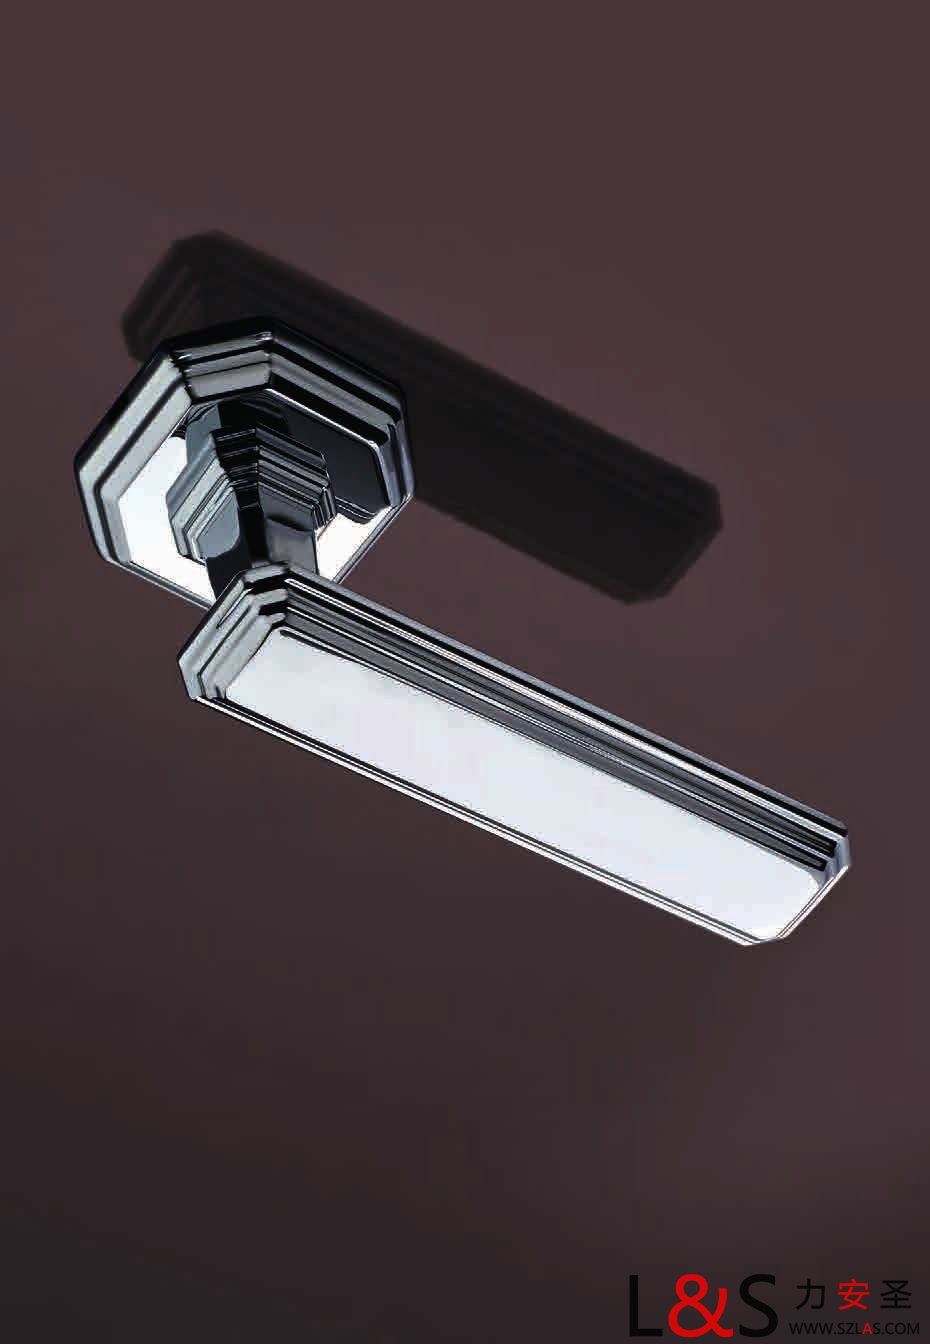 意大利原装进口forme弗洛密几何条形设计门锁